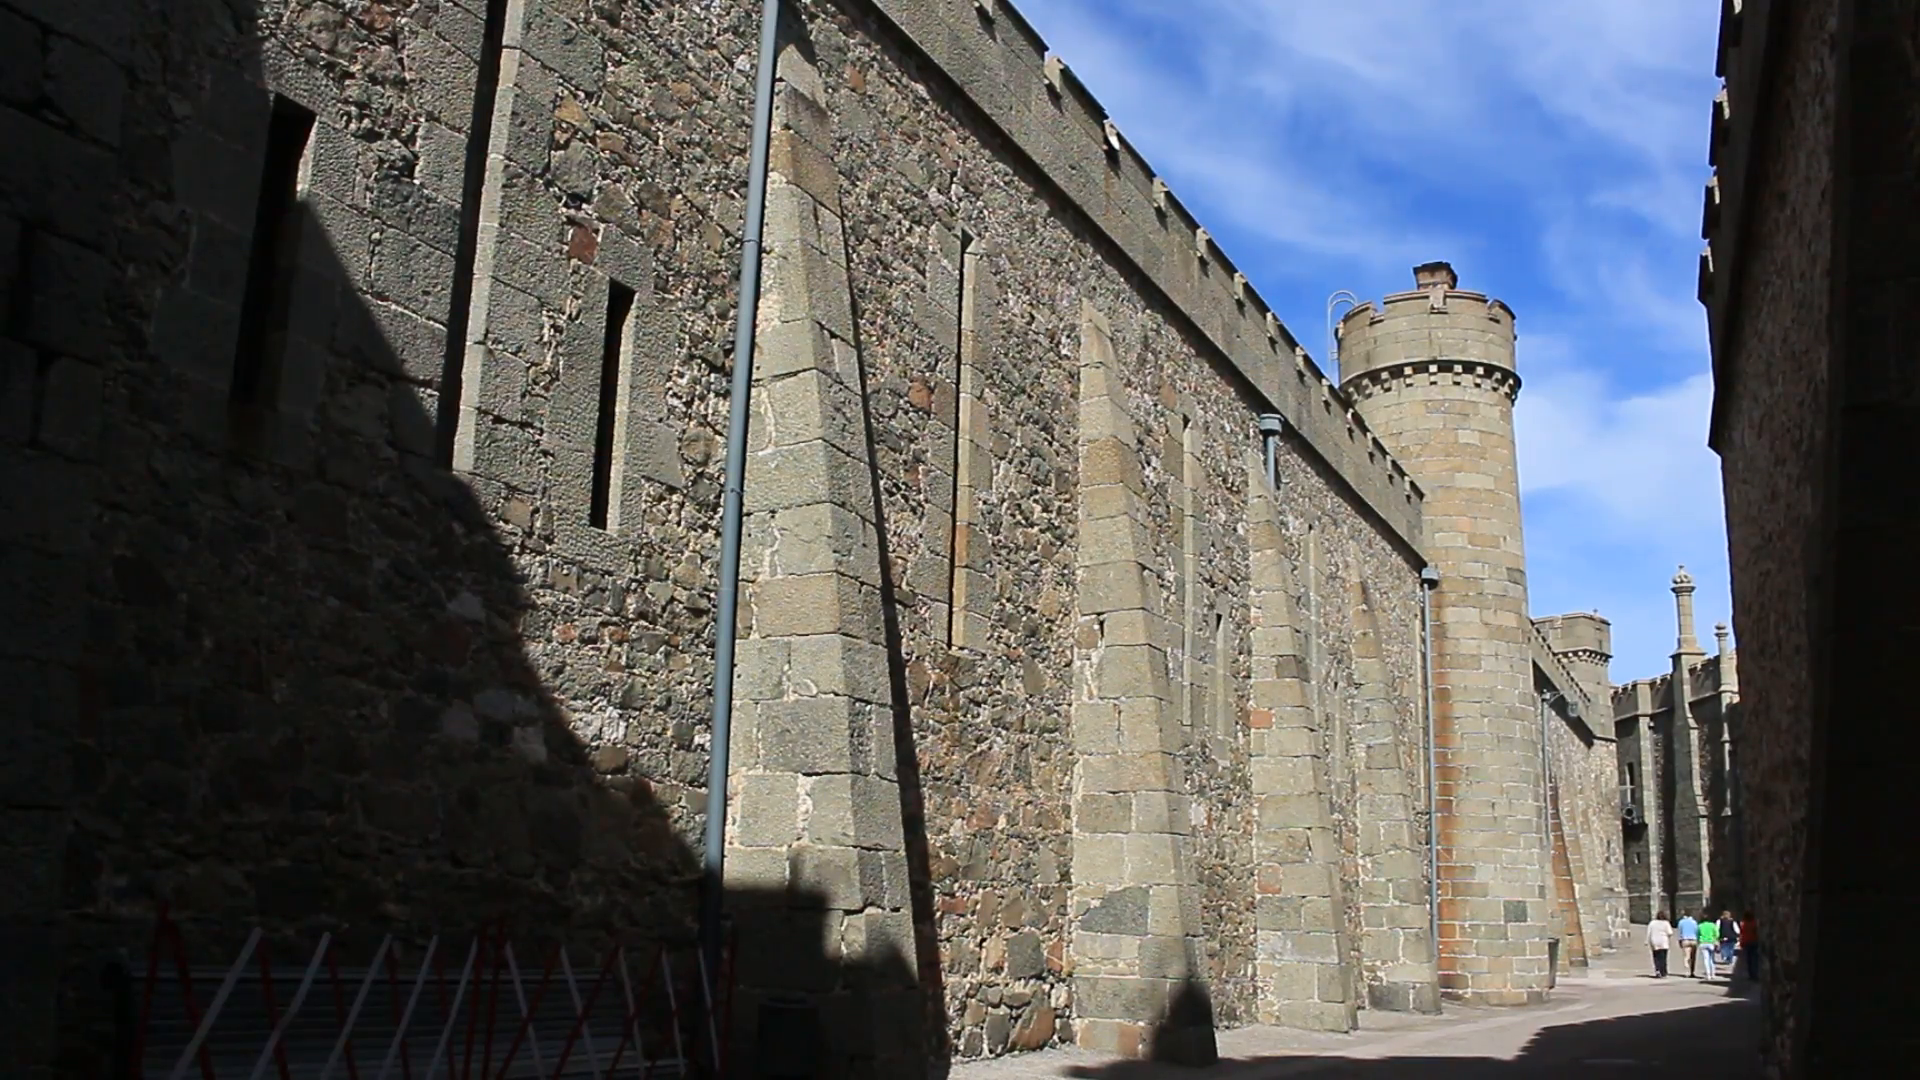 Tower walls photo